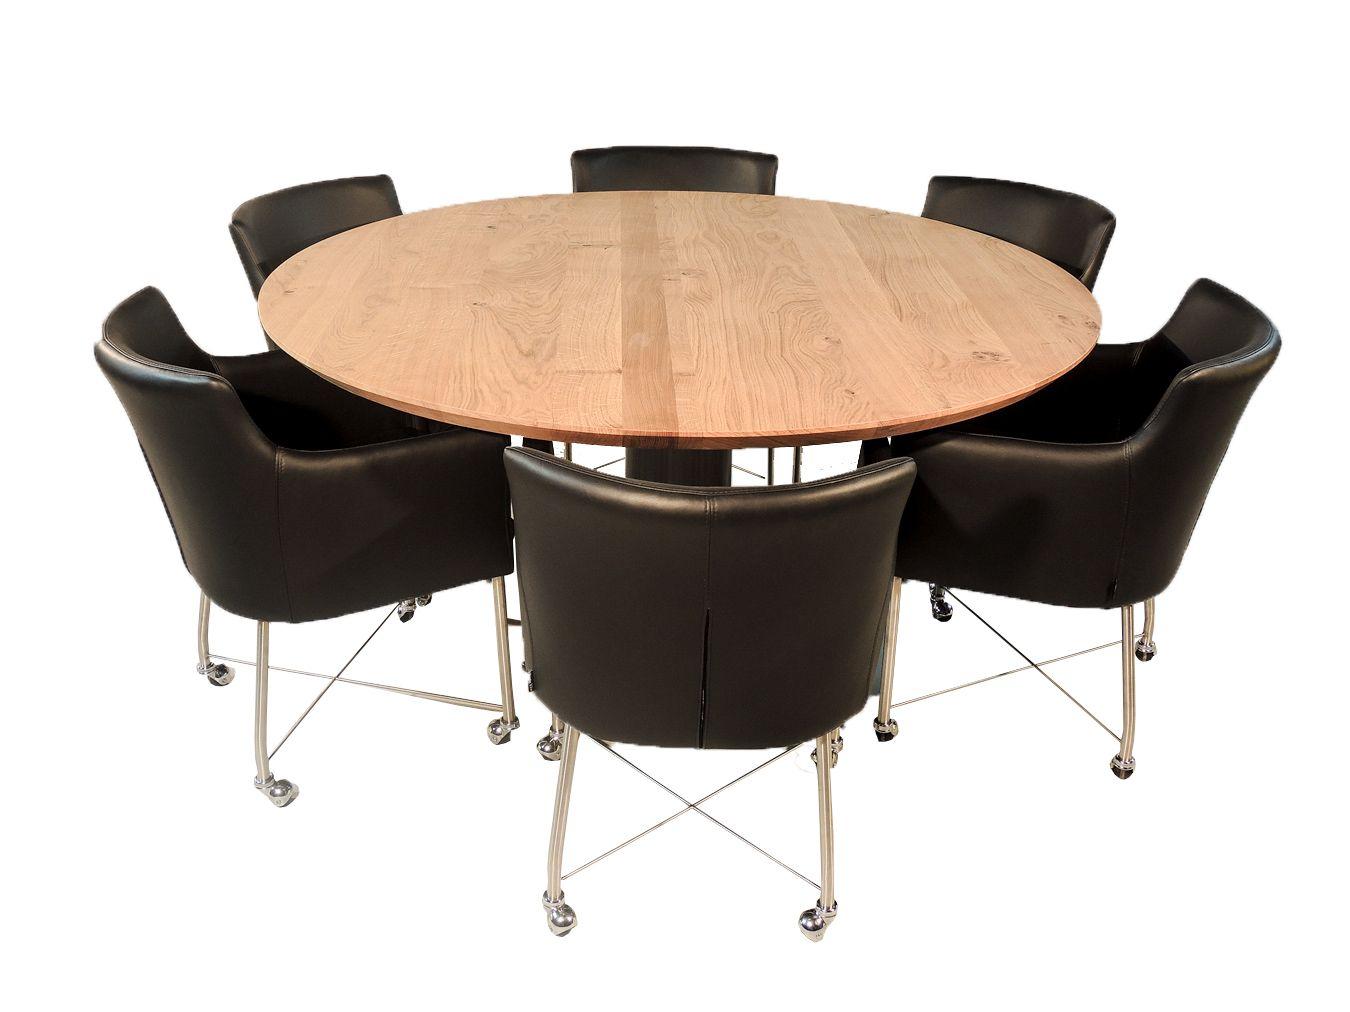 Landelijke Tafel Met 6 Stoelen.Madison Ronde Eettafel Voor 6 Personen In 2019 Eettafel